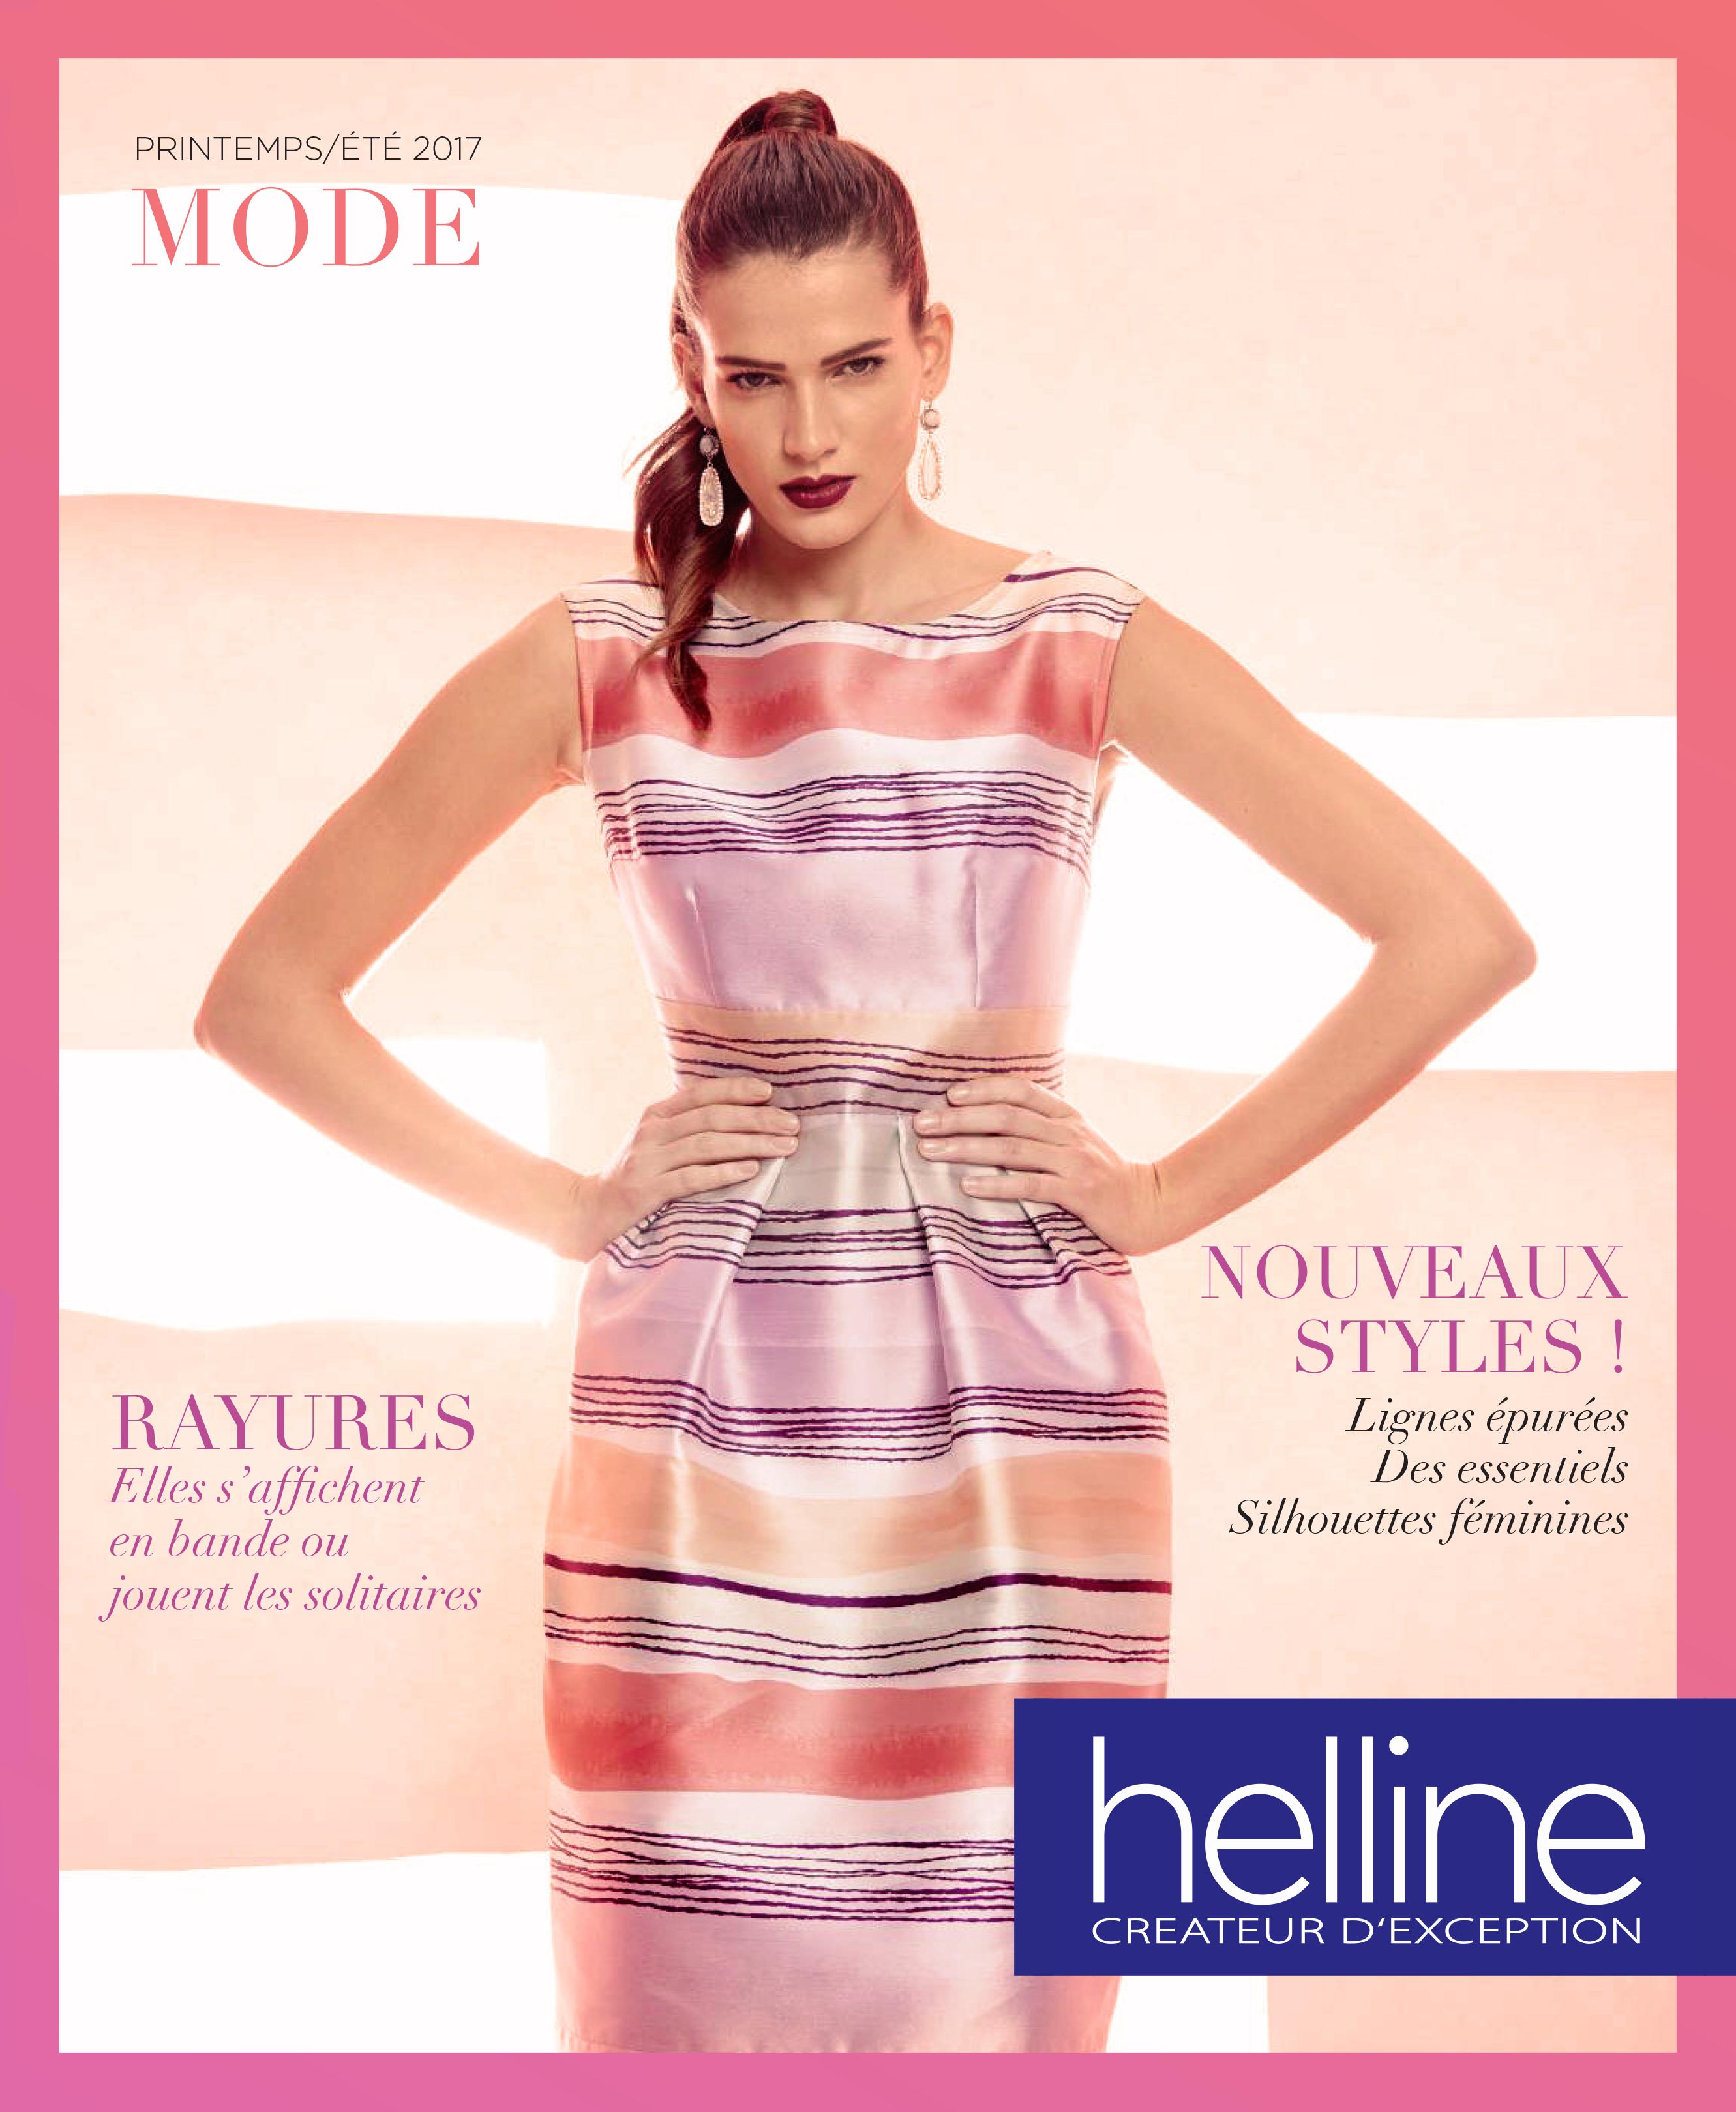 Catalogue Helline Printemps Ete 2017 La Rayure Fait Dans La Bonne Humeur Mode Printemps Ete Ete 2017